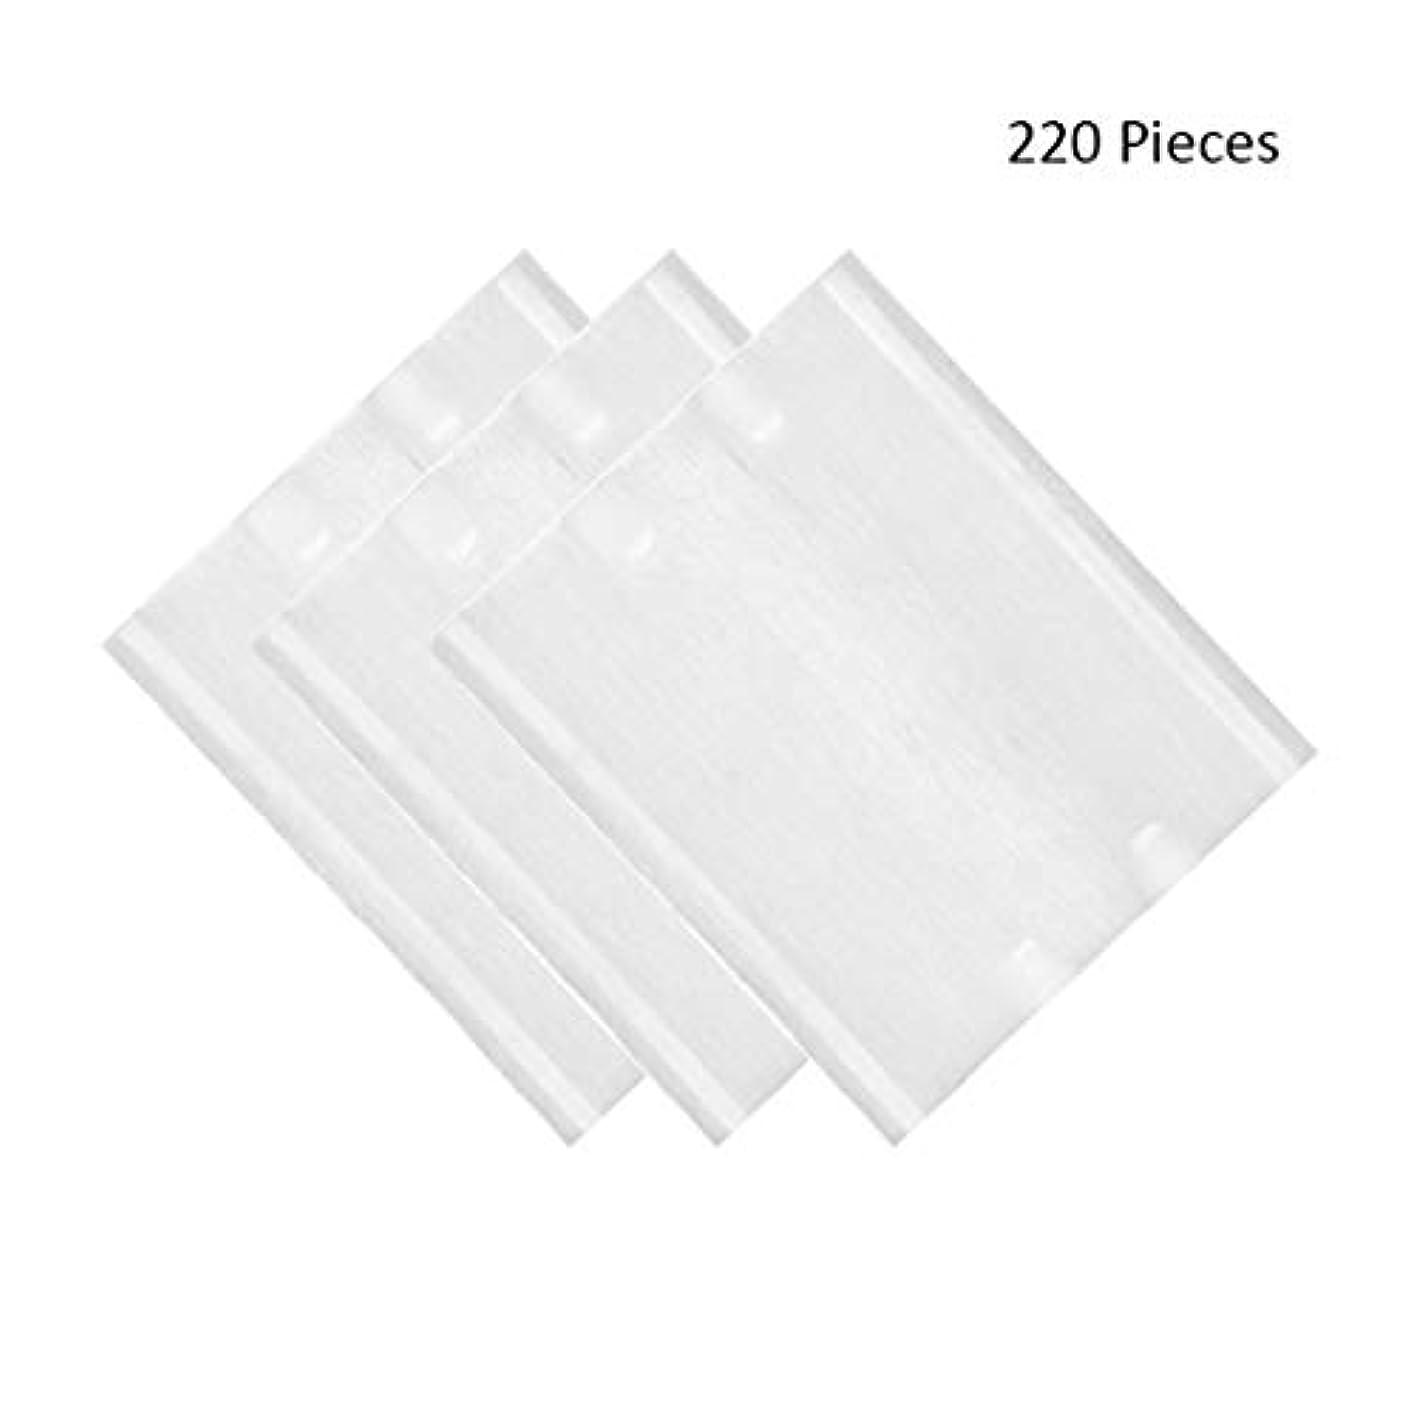 手伝うスパイ生物学220ピース/パックフェイスメイクリムーバーソフト化粧コットンパッド両面スキンケアクレンジングコットンパッドリムーバーワイプ (Color : White, サイズ : 6*5cm)